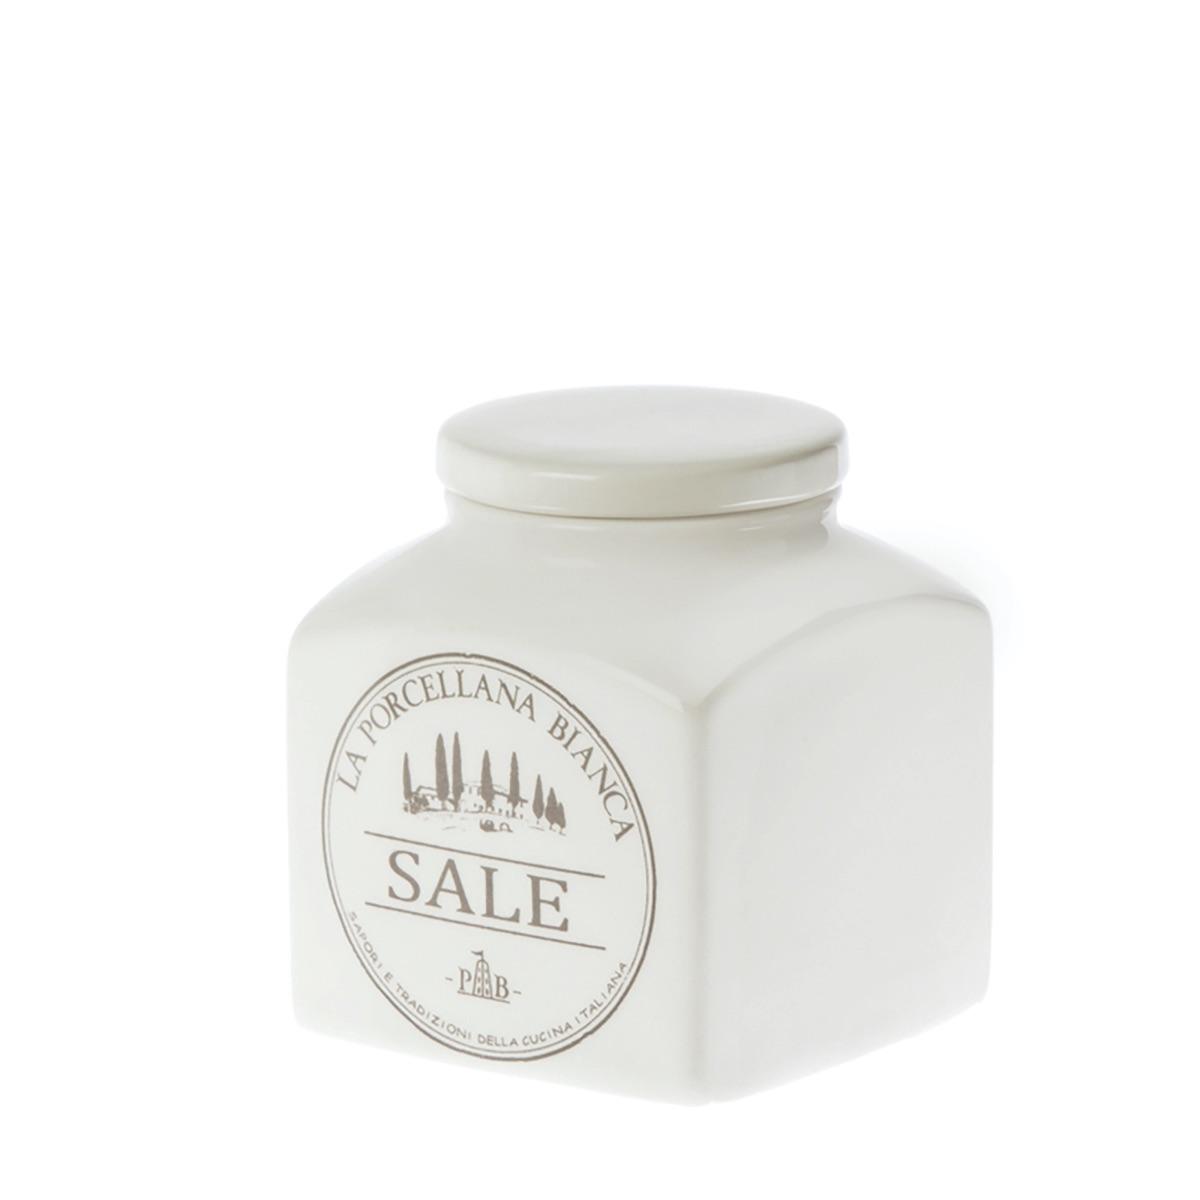 Conserva barattolo sale